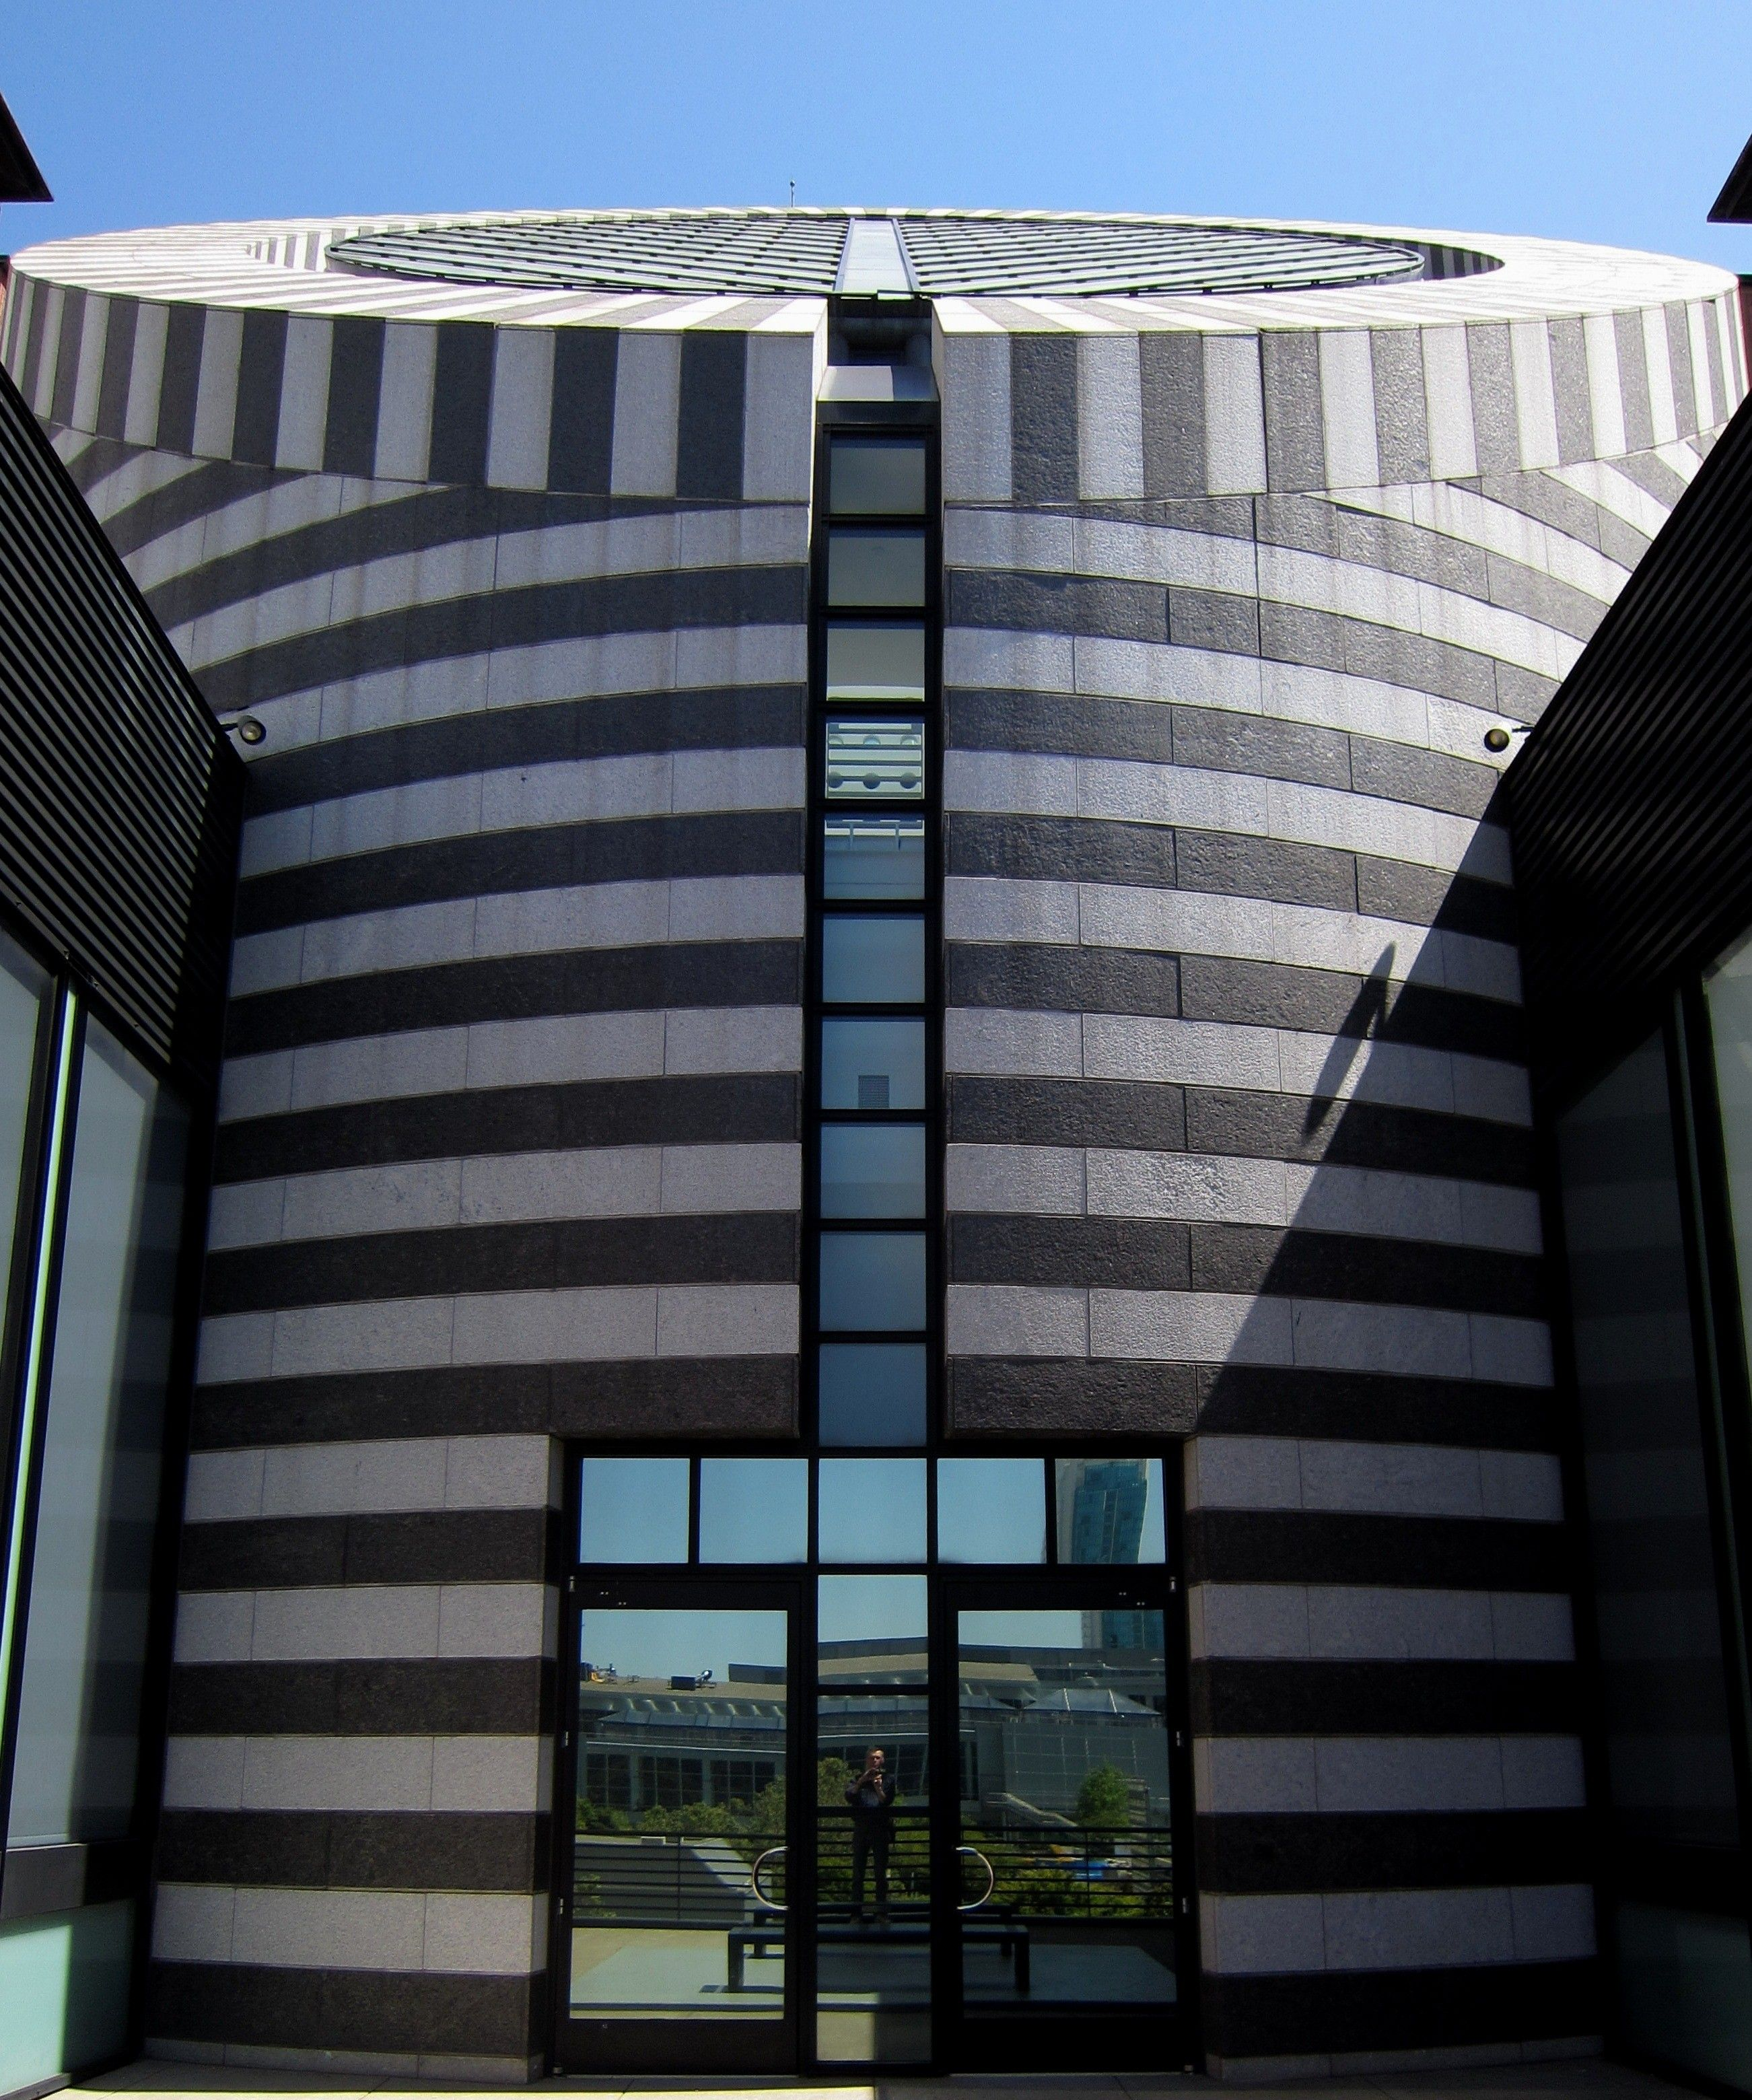 Mario botta architecture pinterest moderne - Postmoderne architektur ...